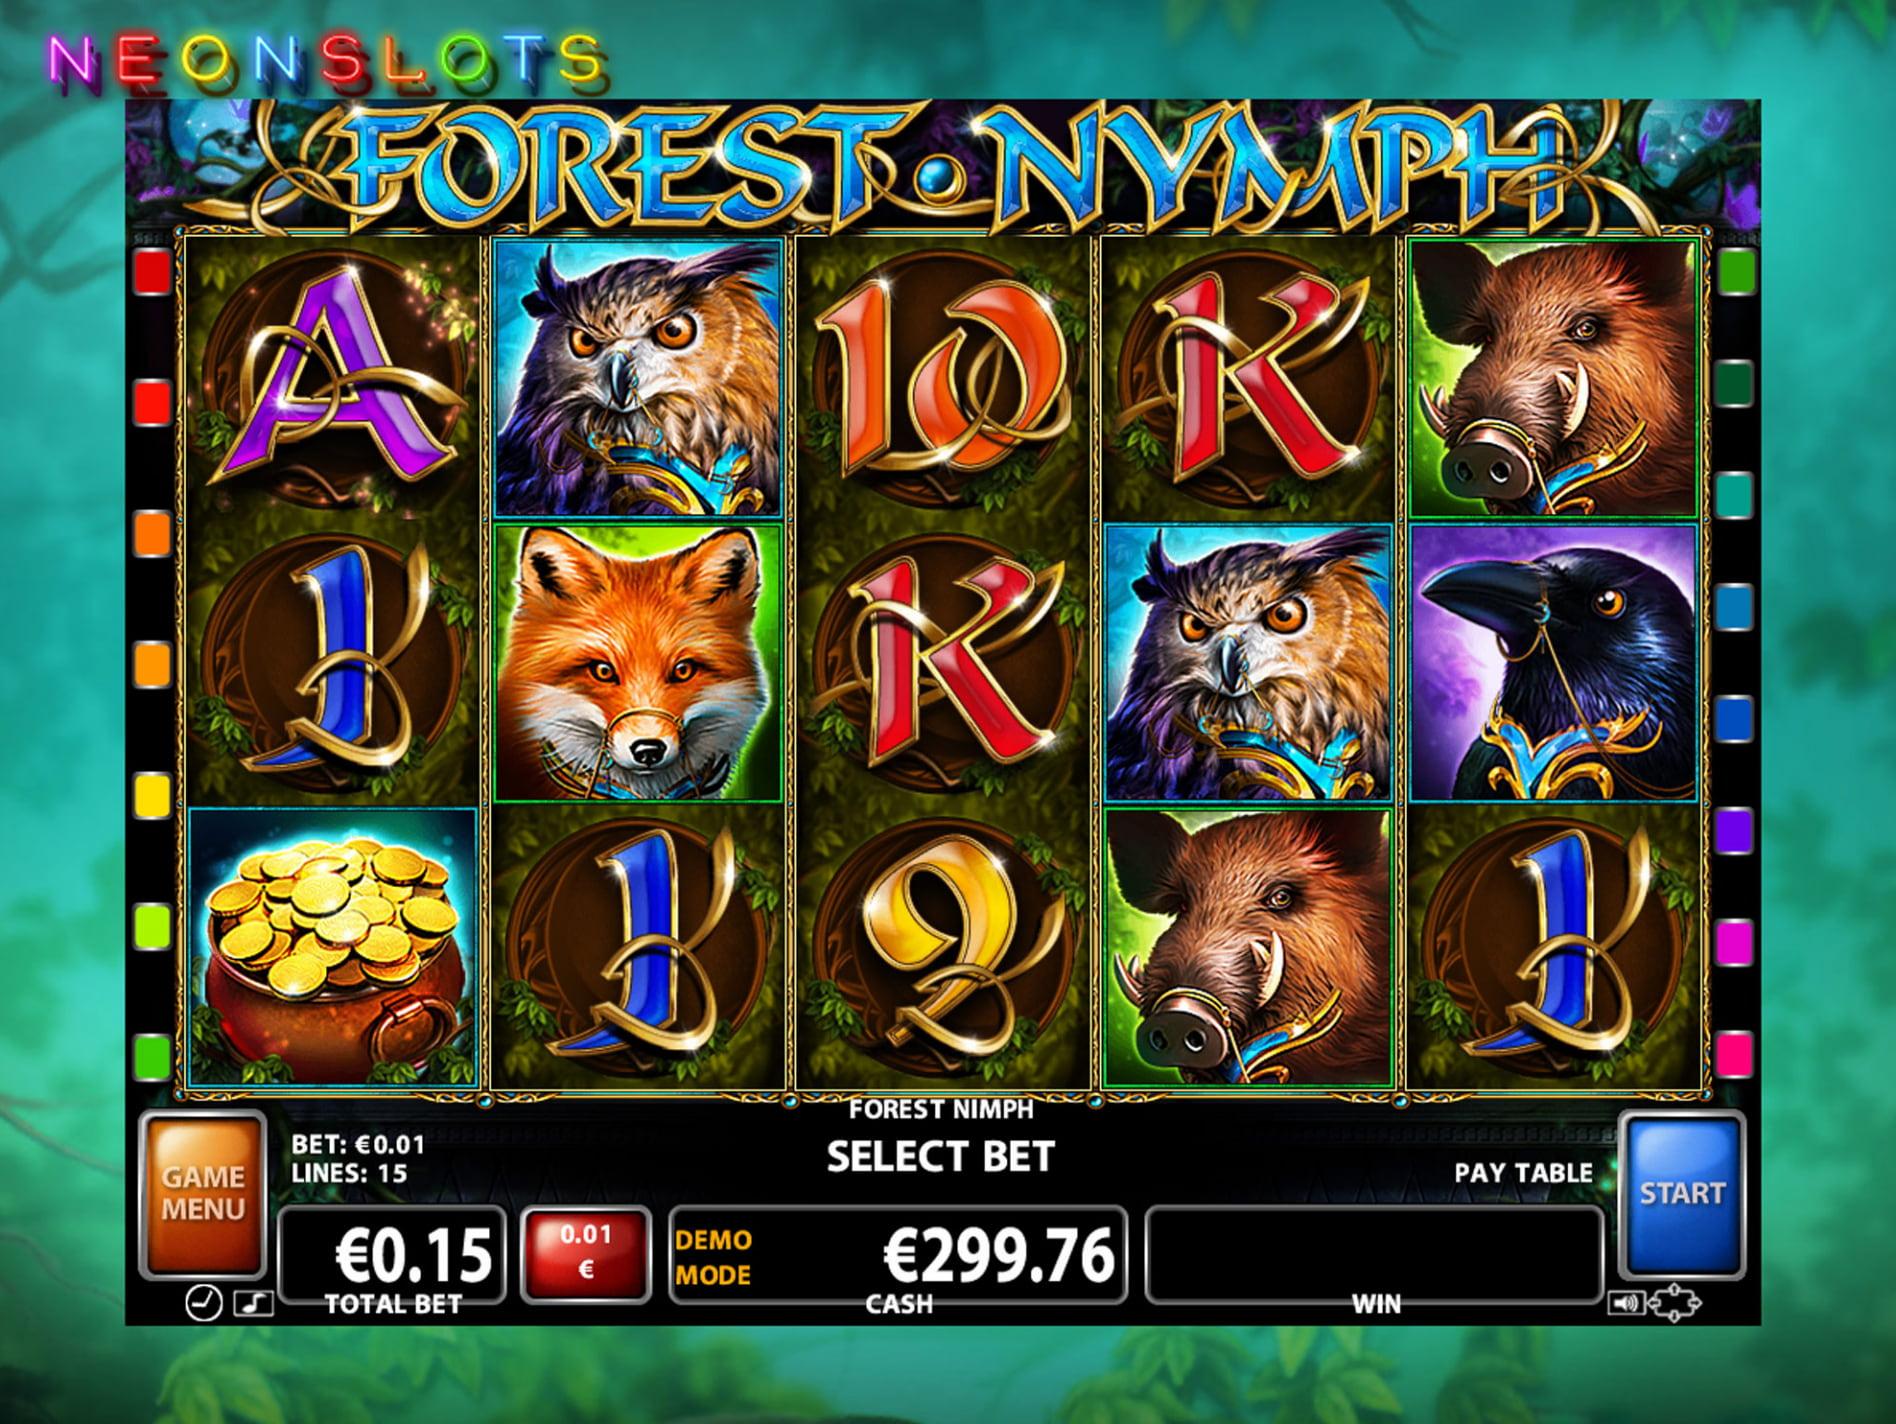 Casino regulados Curaçao bonos de online-231670